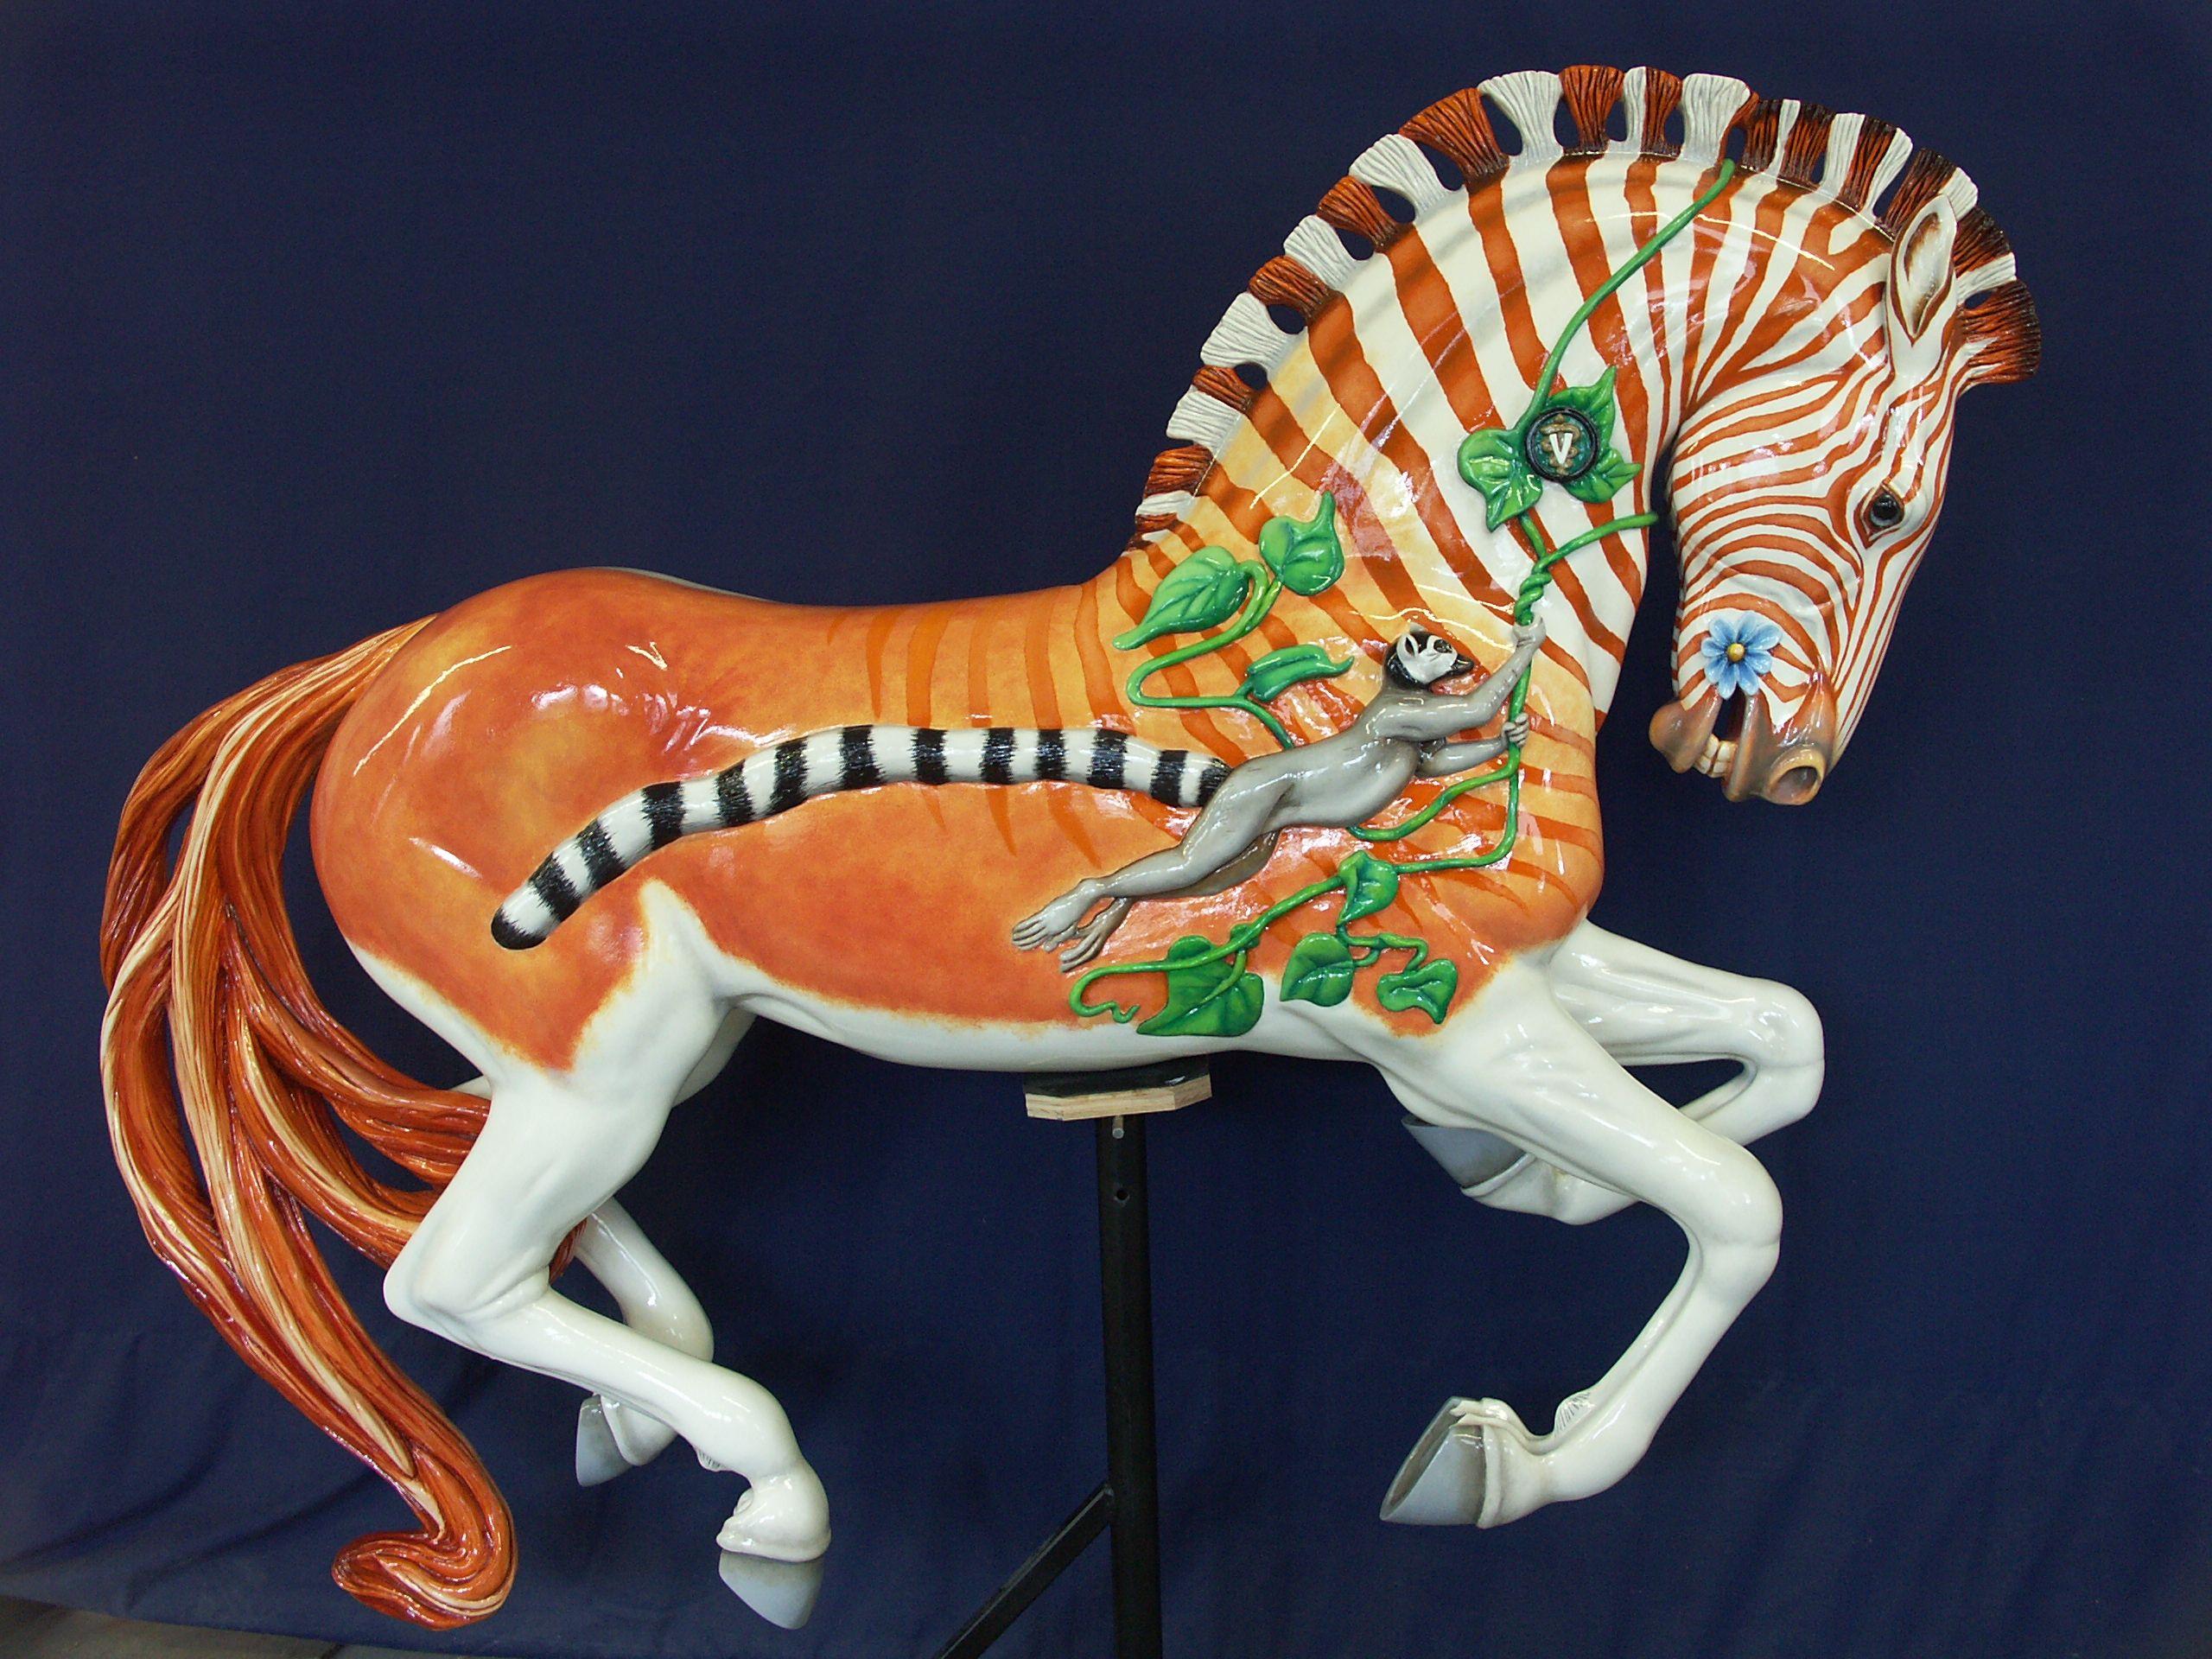 Unusual Carousel Animals